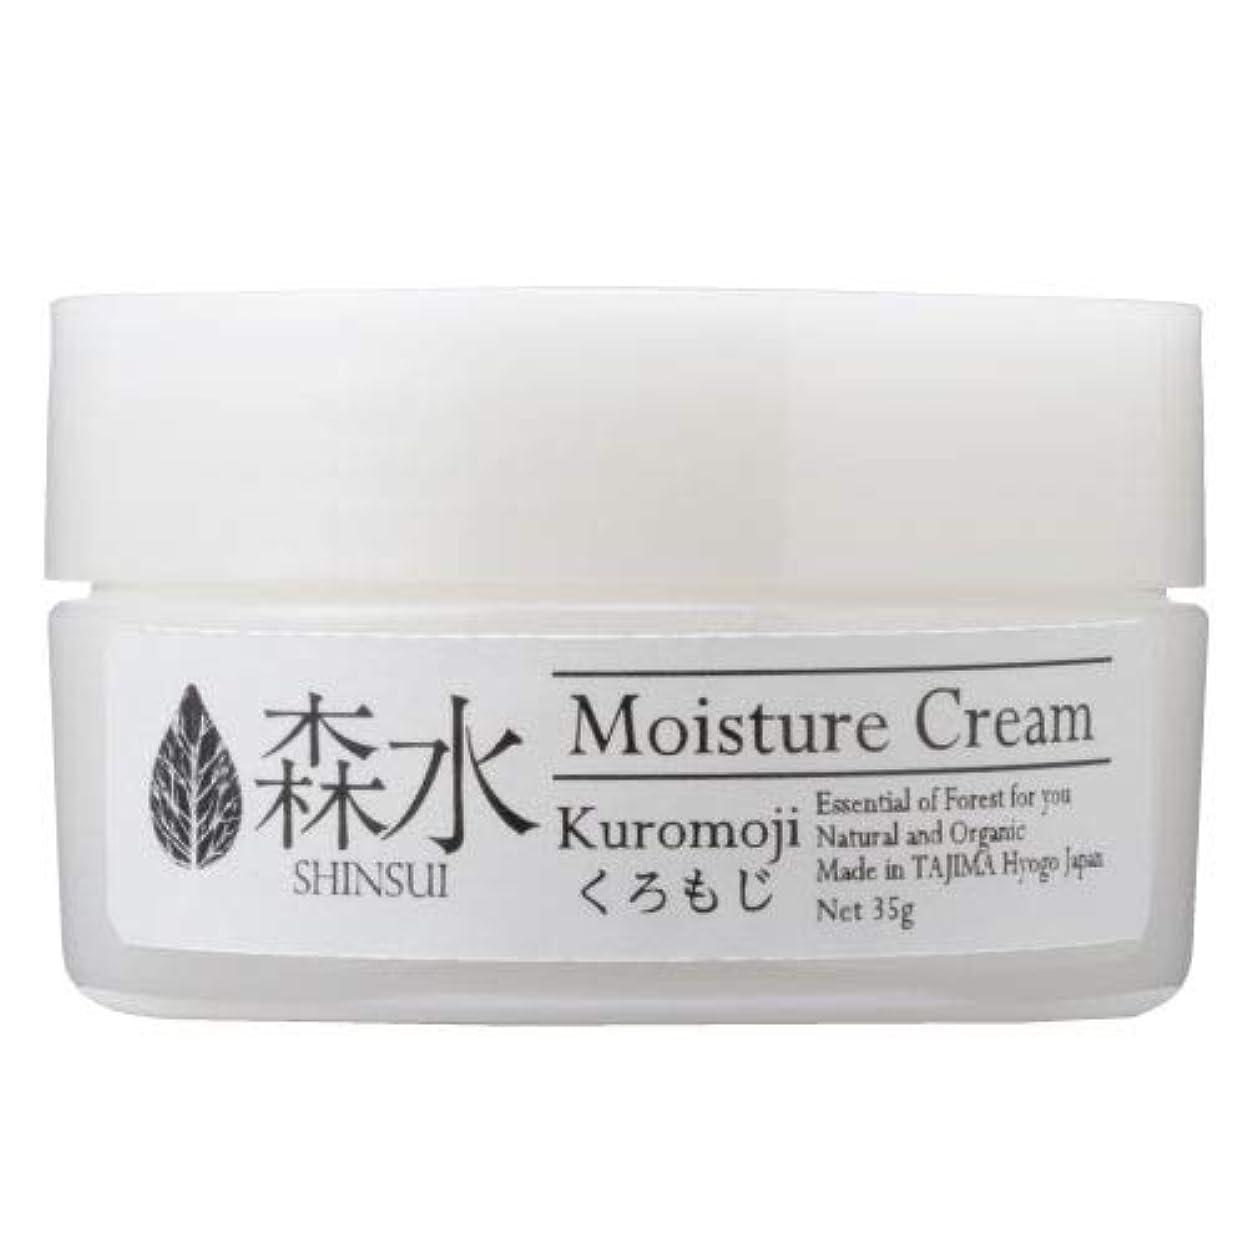 オアシス連結するパントリー森水-SHINSUI シンスイ-くろもじクリーム(Kuromoji Moisture Cream)35g